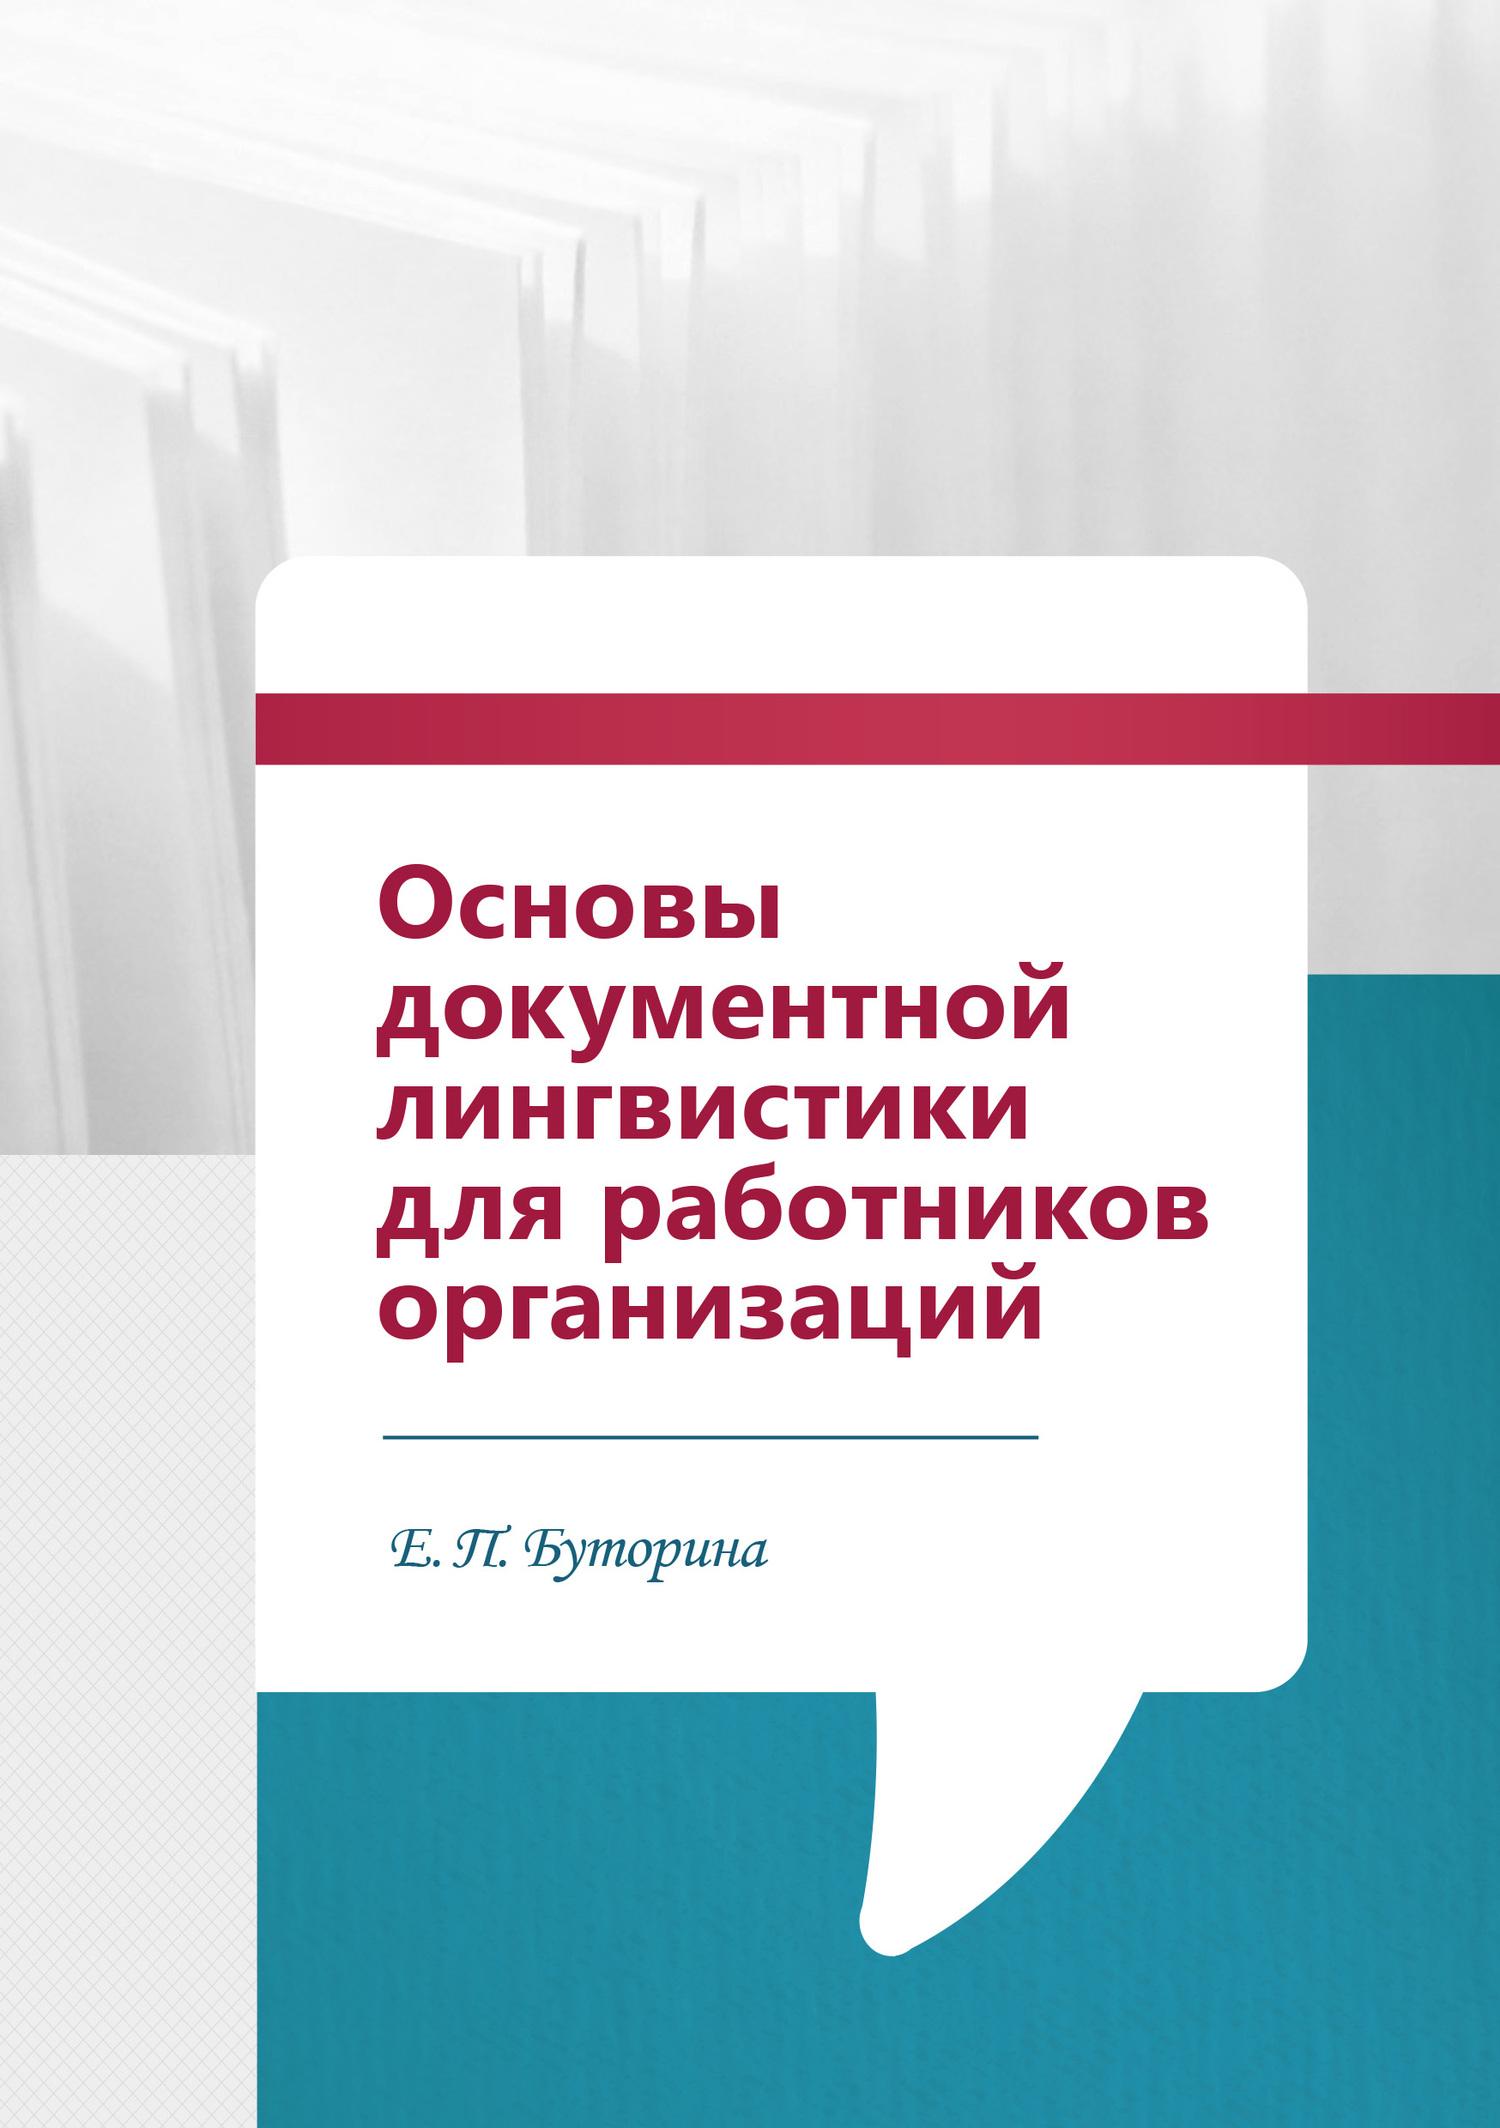 Е. П. Буторина. Основы документной лингвистики для работников организаций